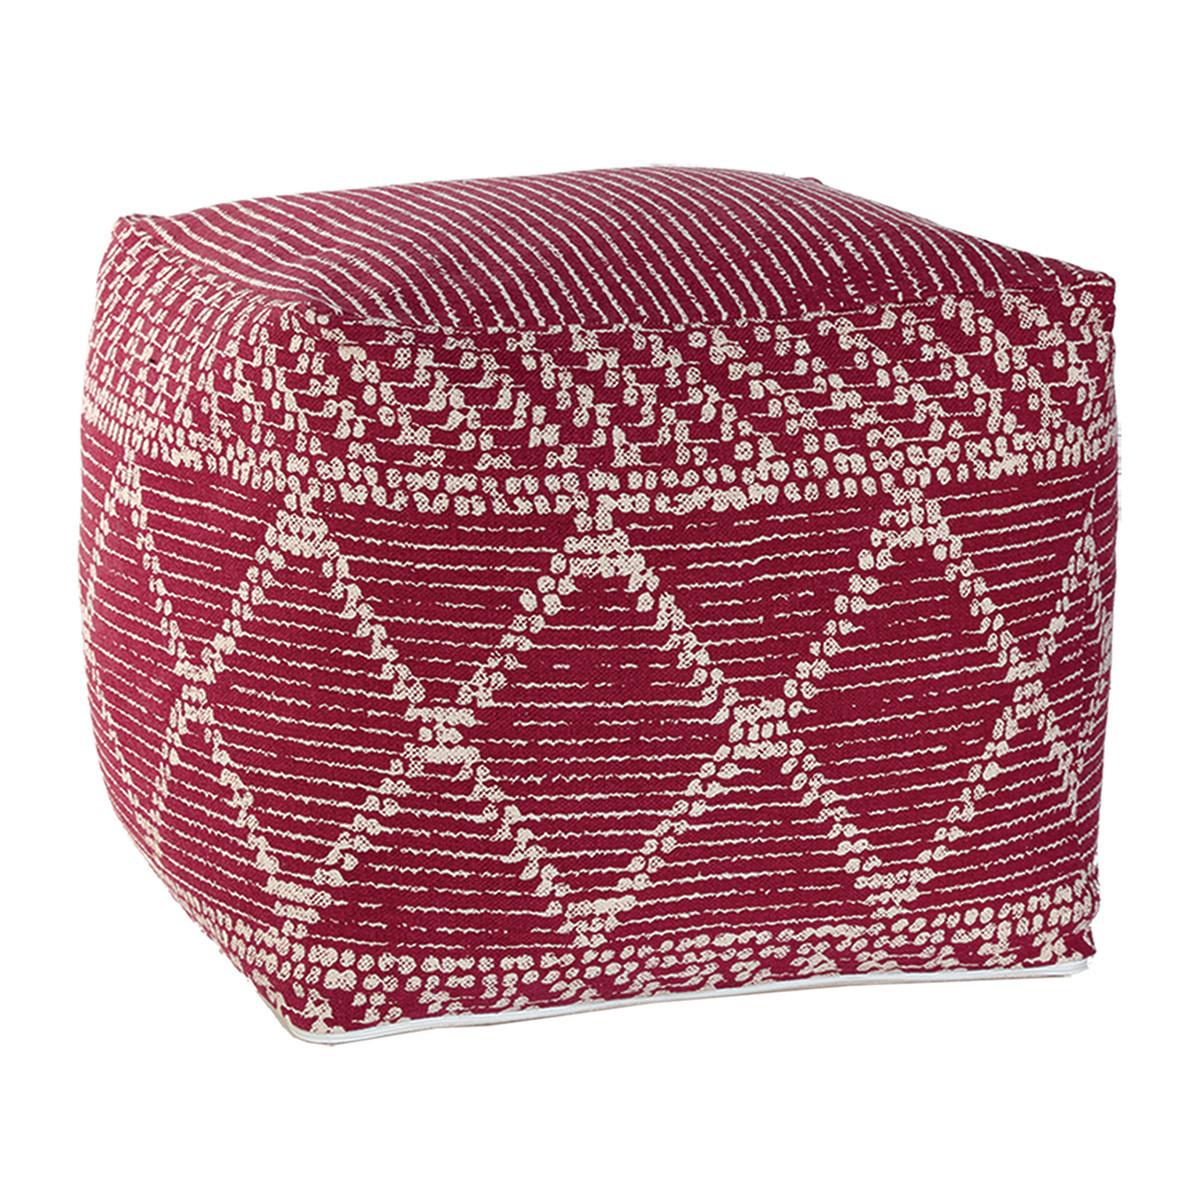 Πουφ Nef-Nef Decore Bordo home   σαλόνι   μαξιλάρες δαπέδου   πουφ